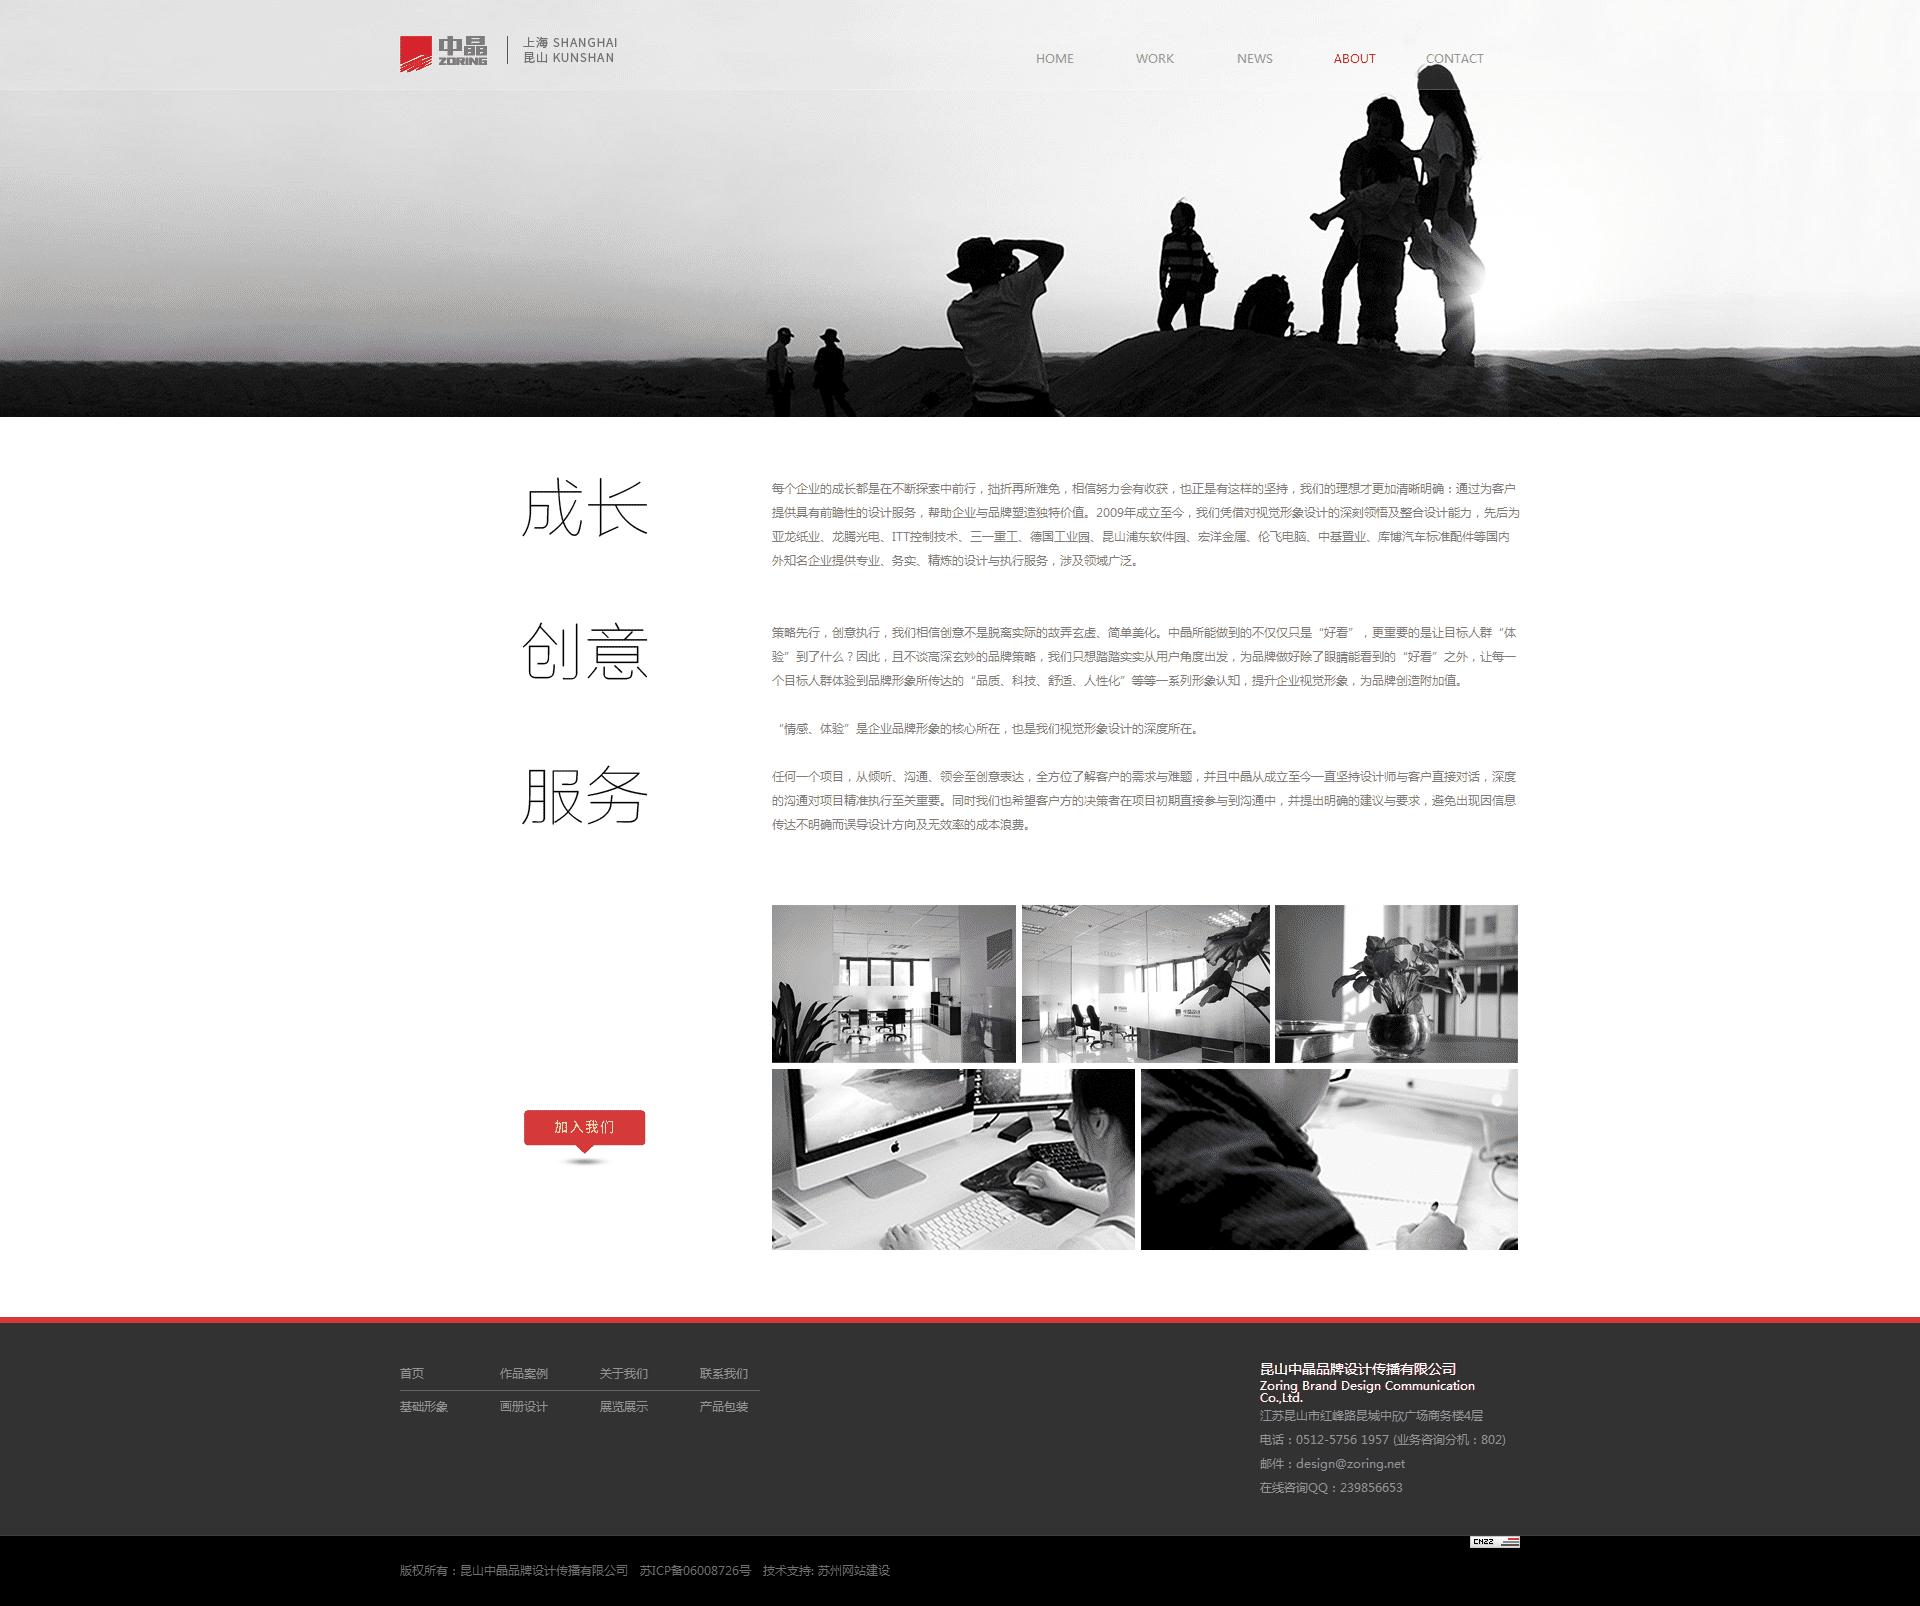 苏州网站建设设计的昆山中晶品牌设计传播有限公司官网关于我们页面